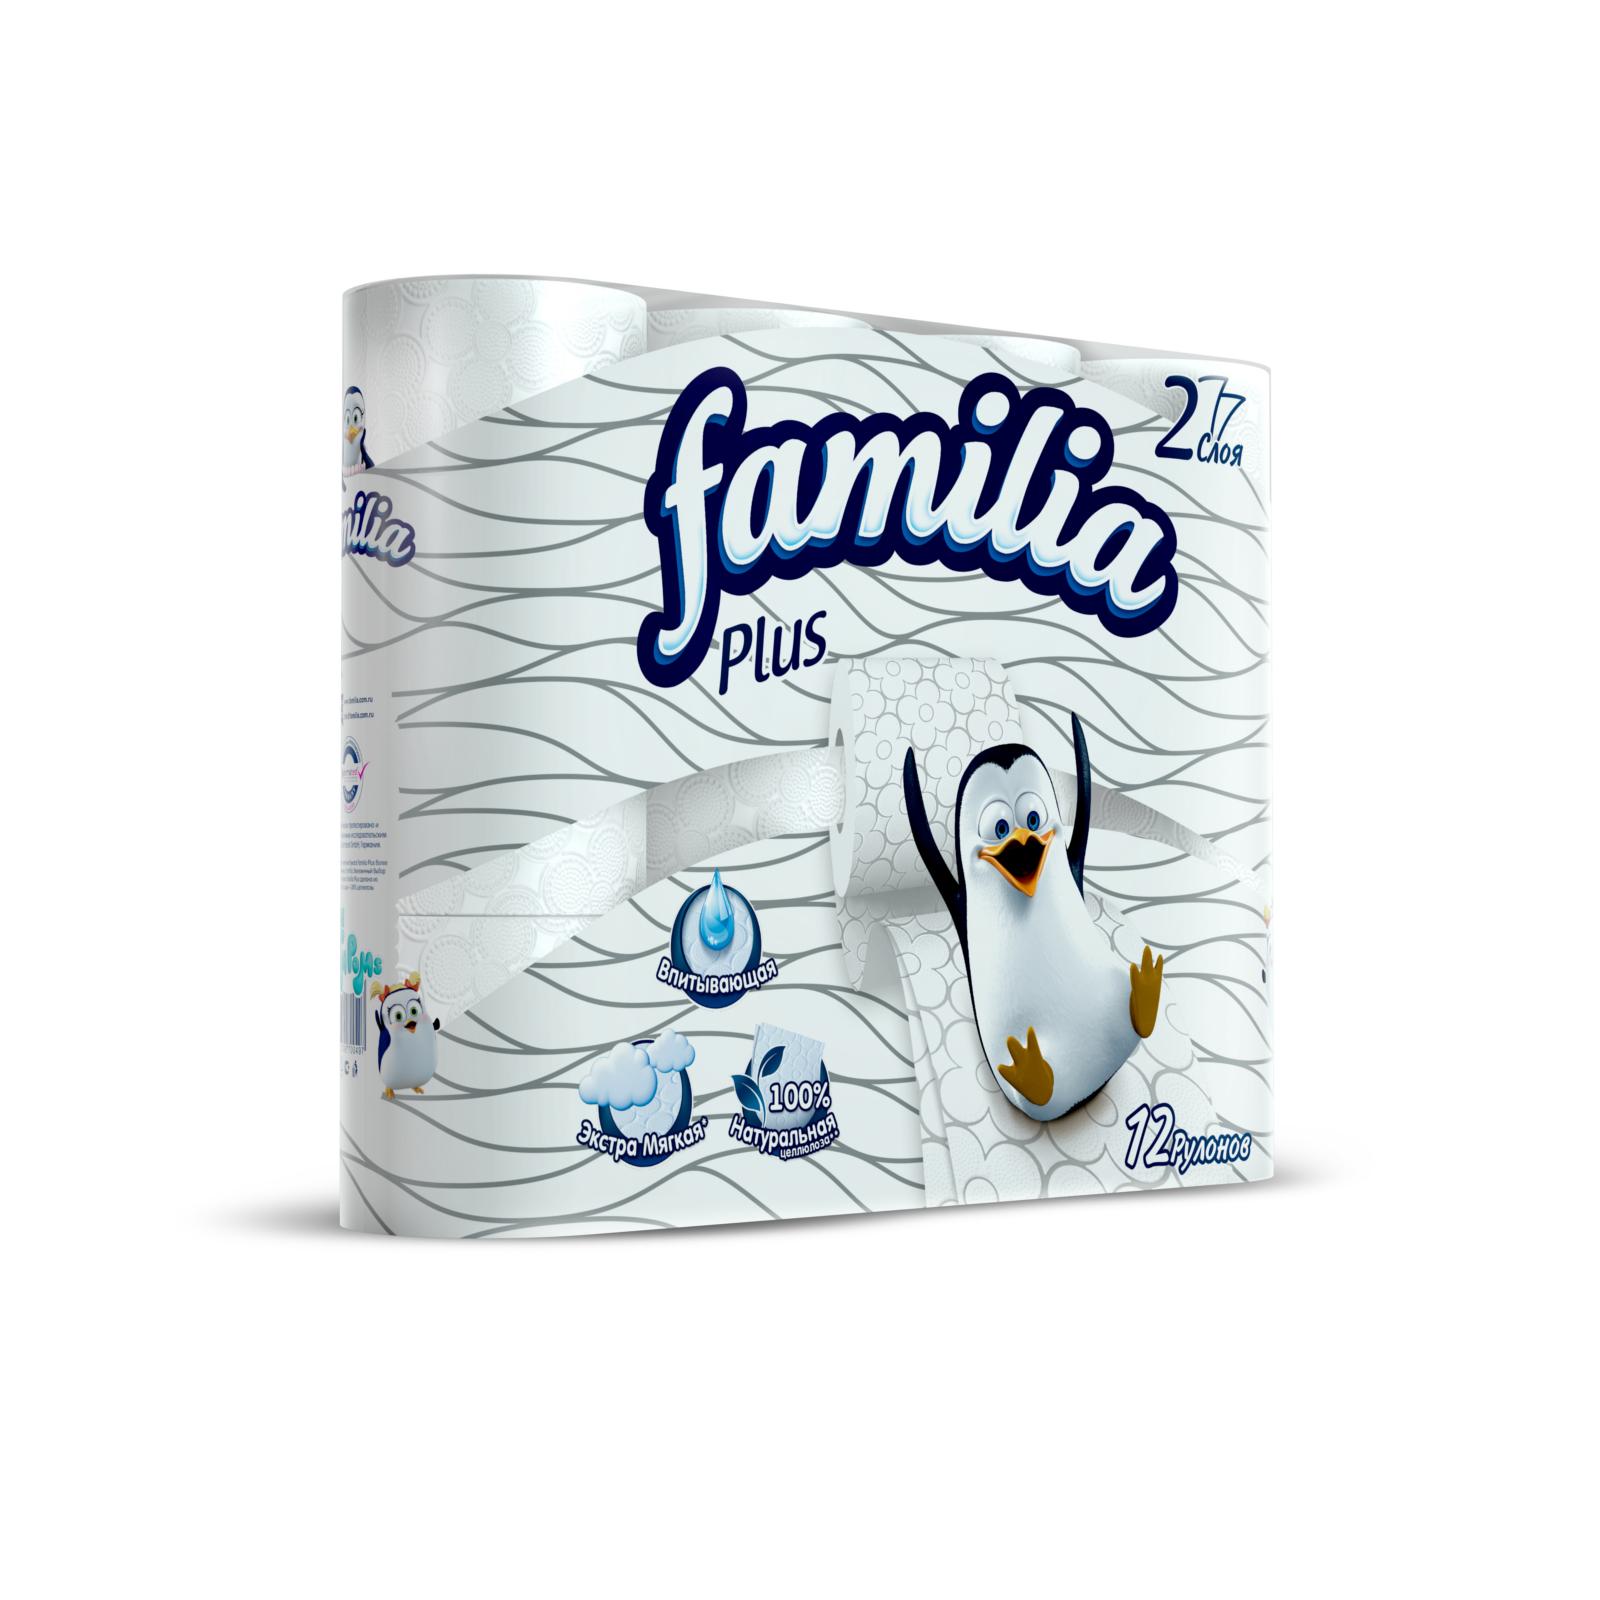 Туалетная бумага Familia Plus белая (2 слоя) 12 шт<br>